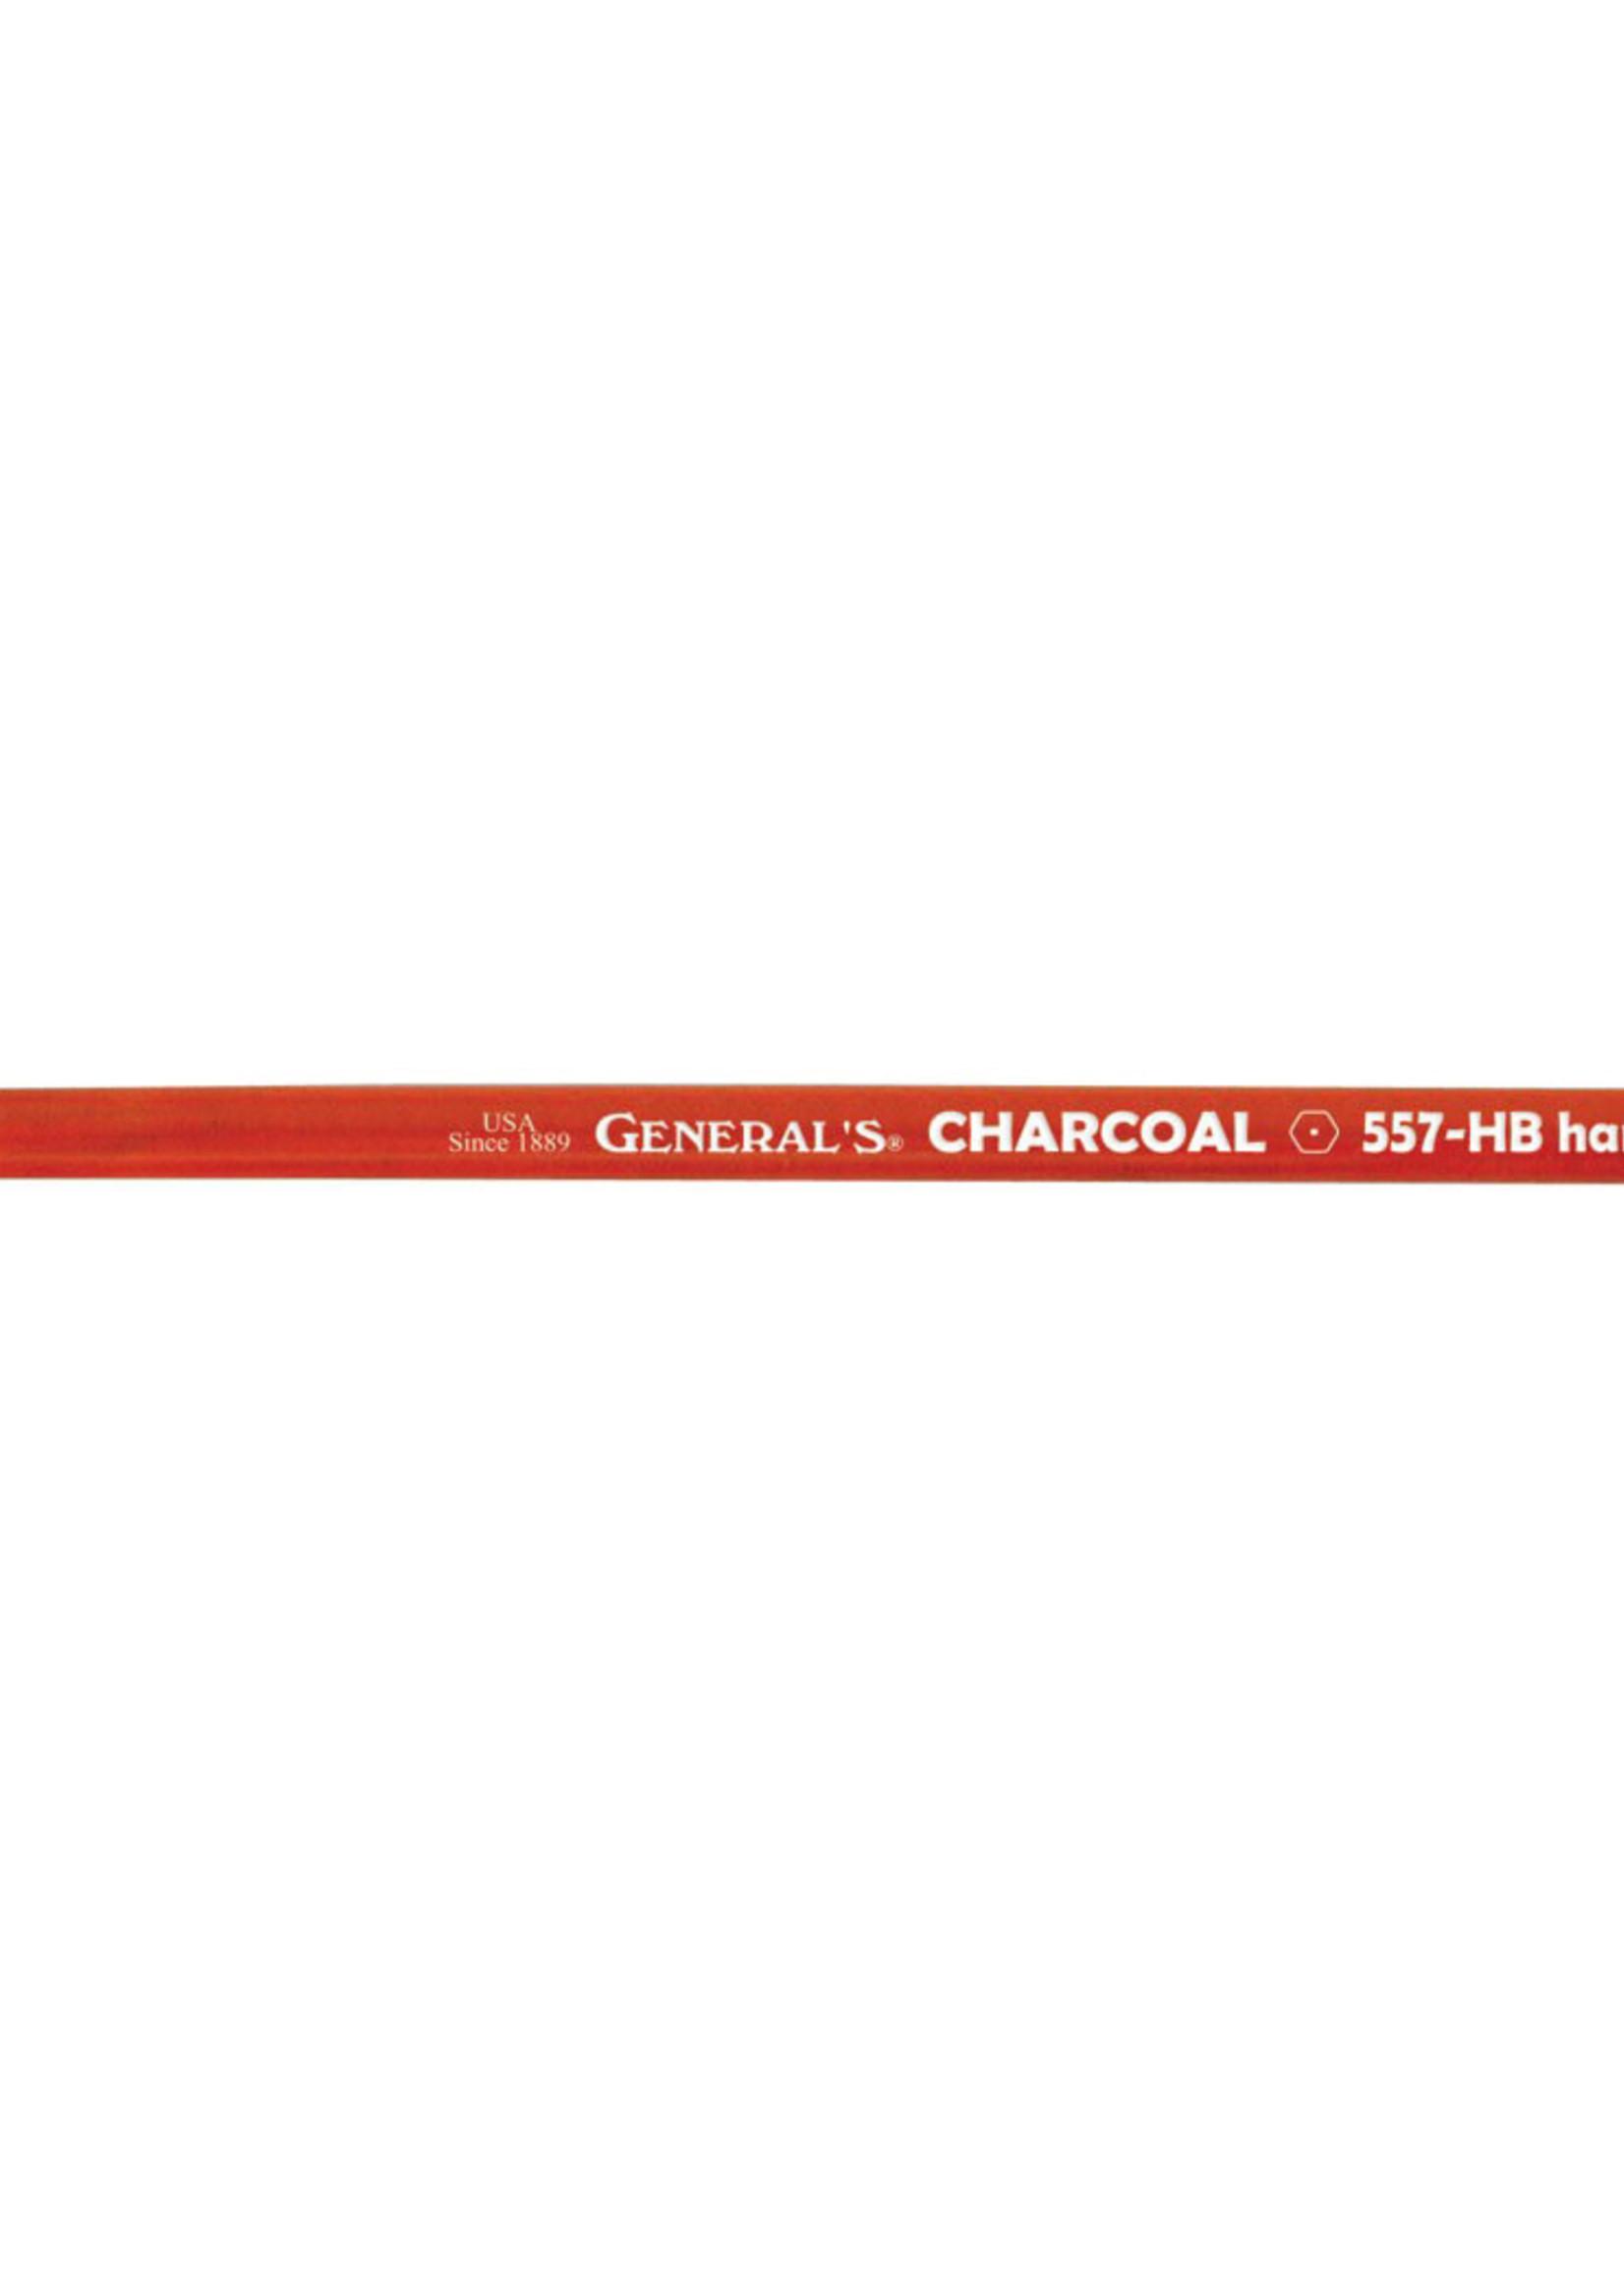 GENERAL PENCIL CO., INC. GENERAL'S CHARCOAL PENCILS (SINGLE)